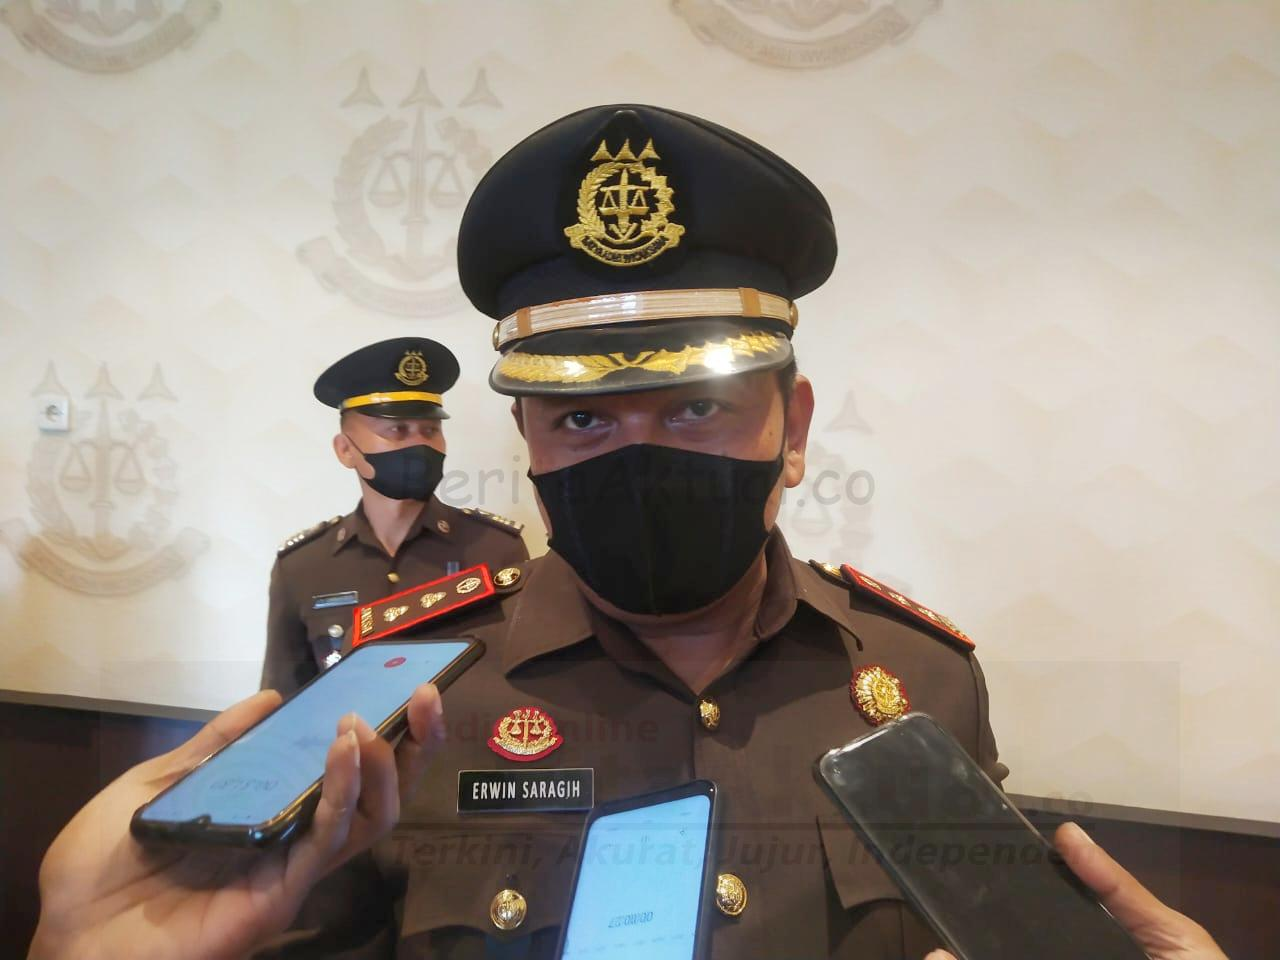 Erwin Saragih Jabat Kejari Sorong, Program Pertama Pembenahan Internal 18 IMG 20210301 224842